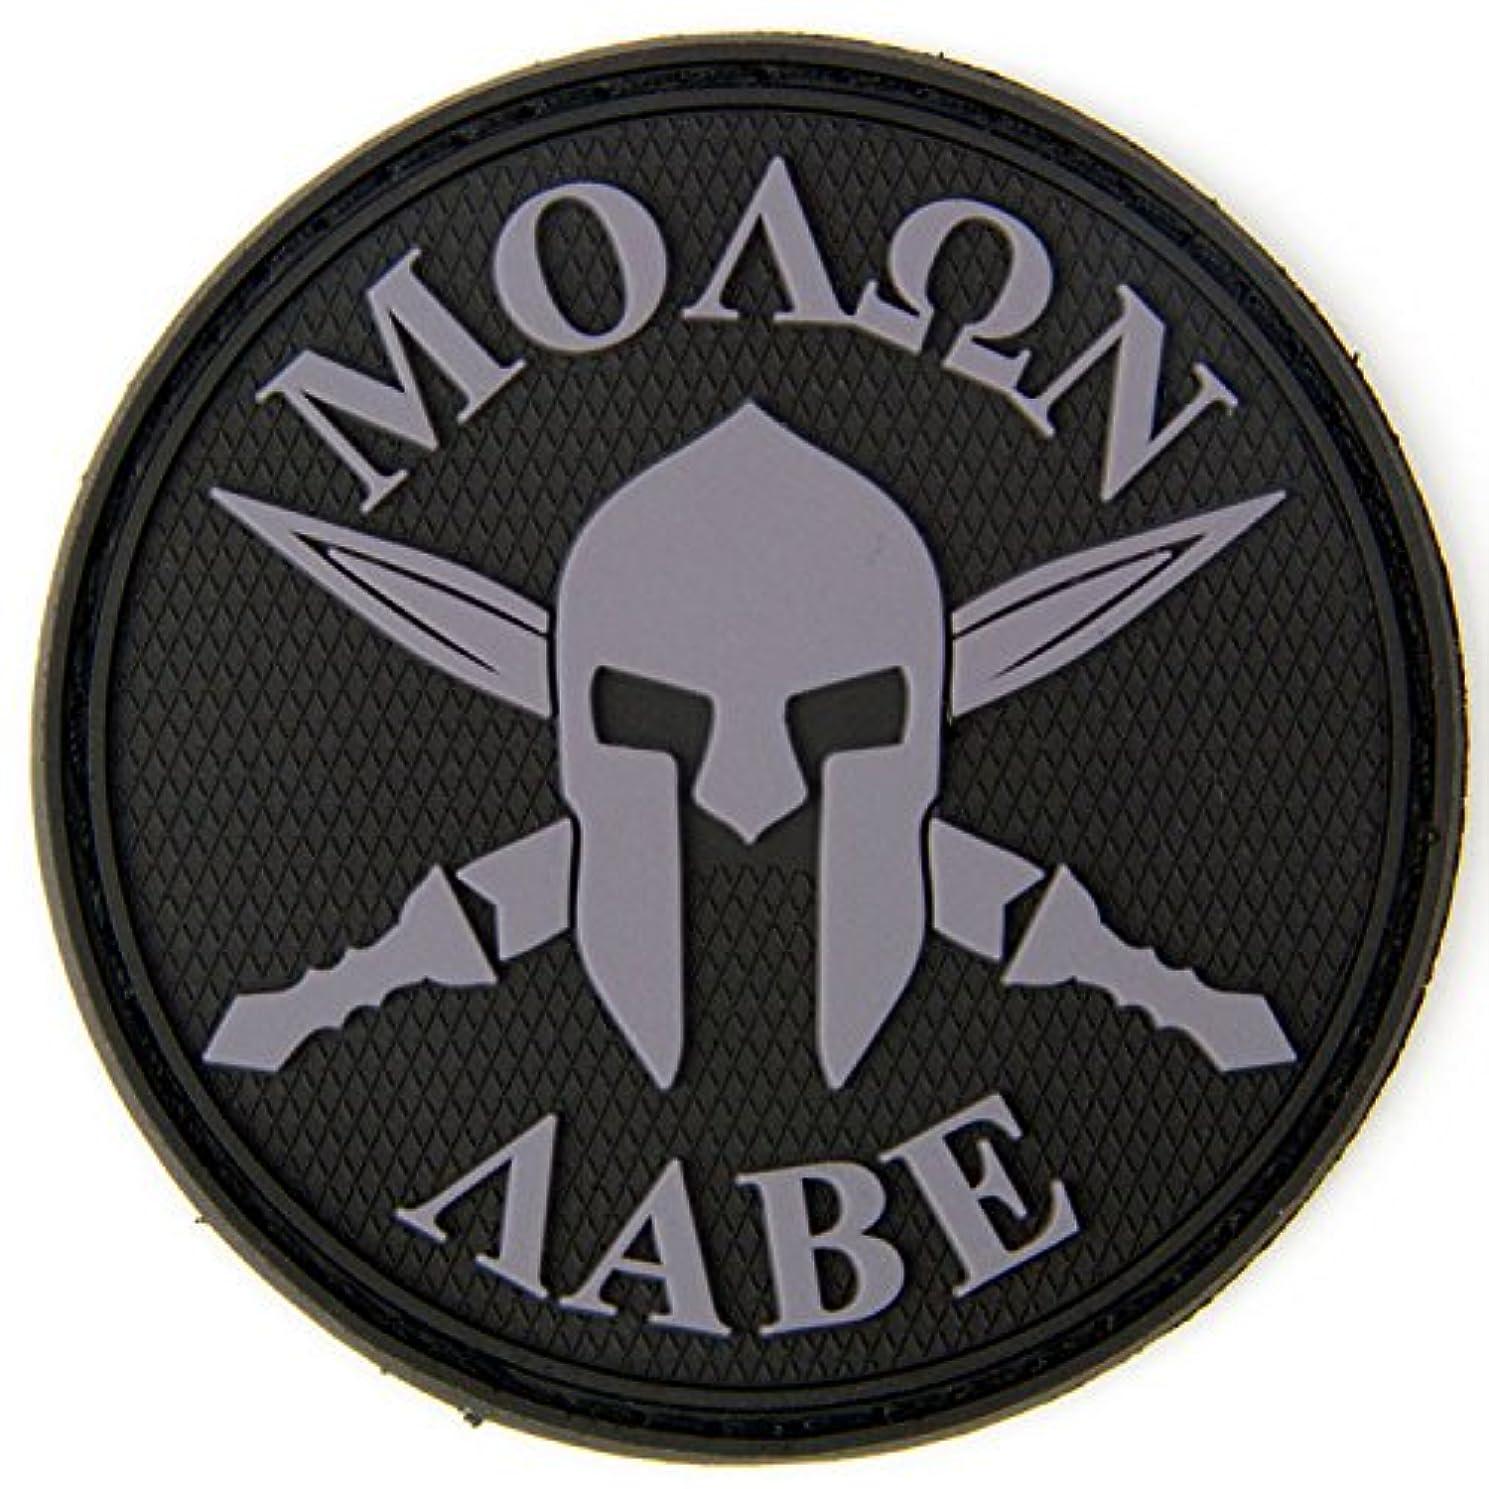 3V Gear Molon Labe - Come and Take Them Patch